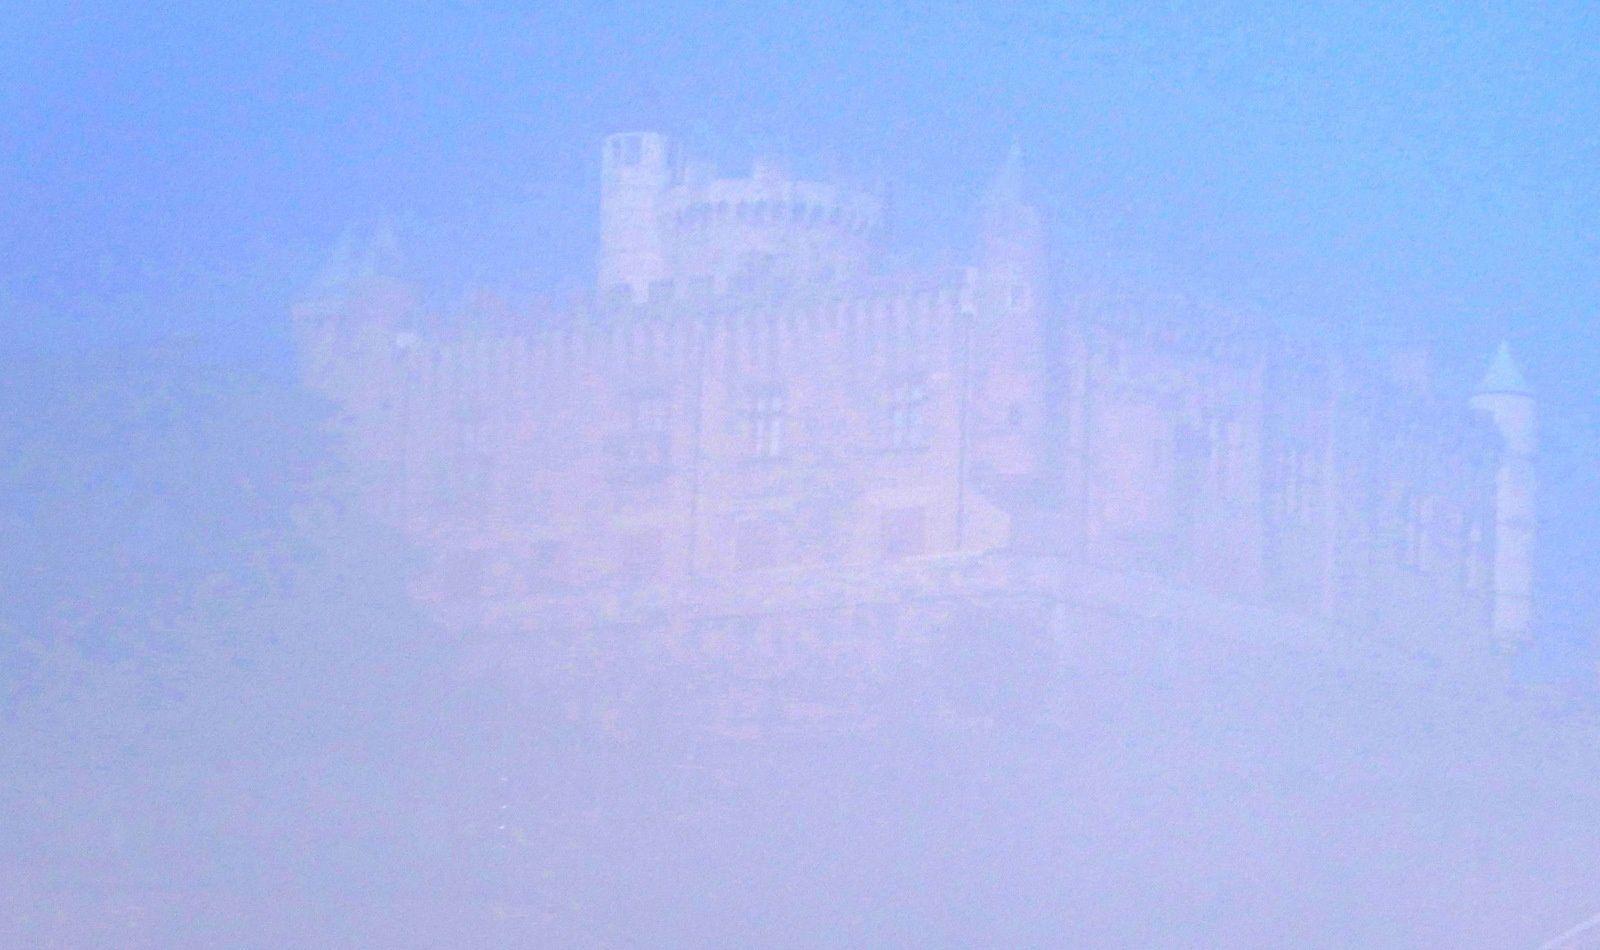 Avec le club VTT VB : au-dessus du brouillard une fois encore